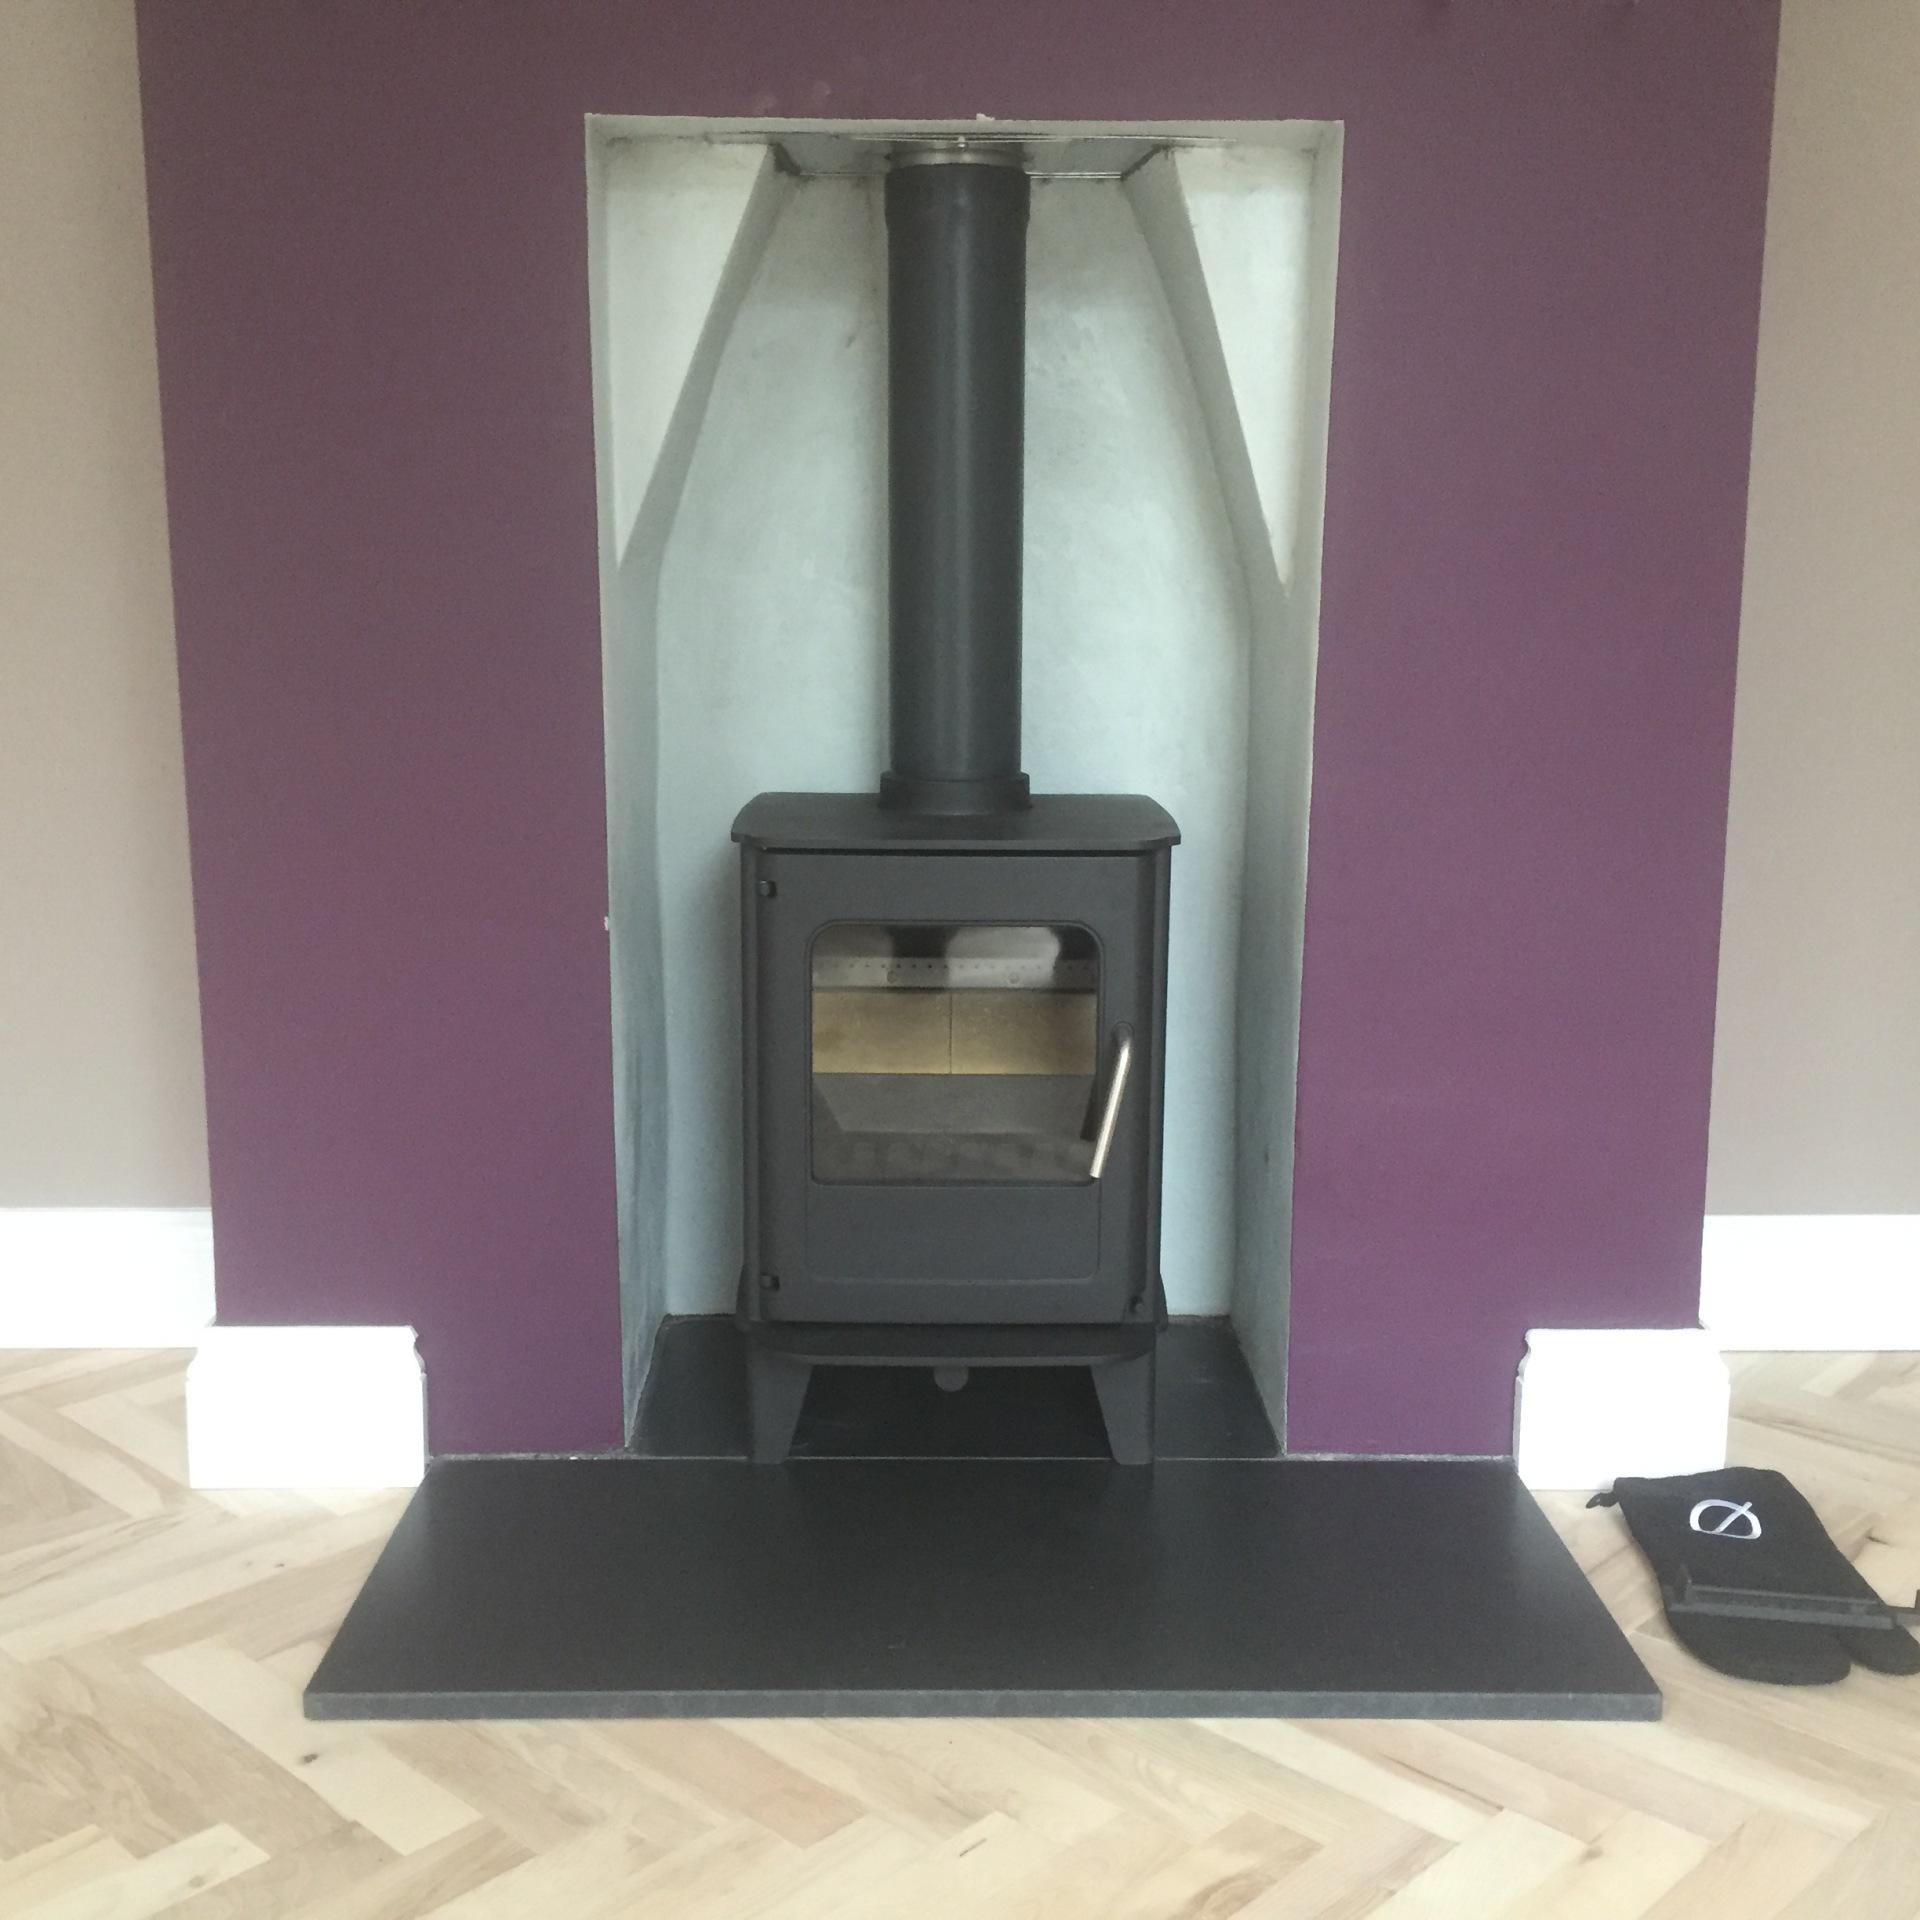 Morso 04 Installation, bristol stove installation